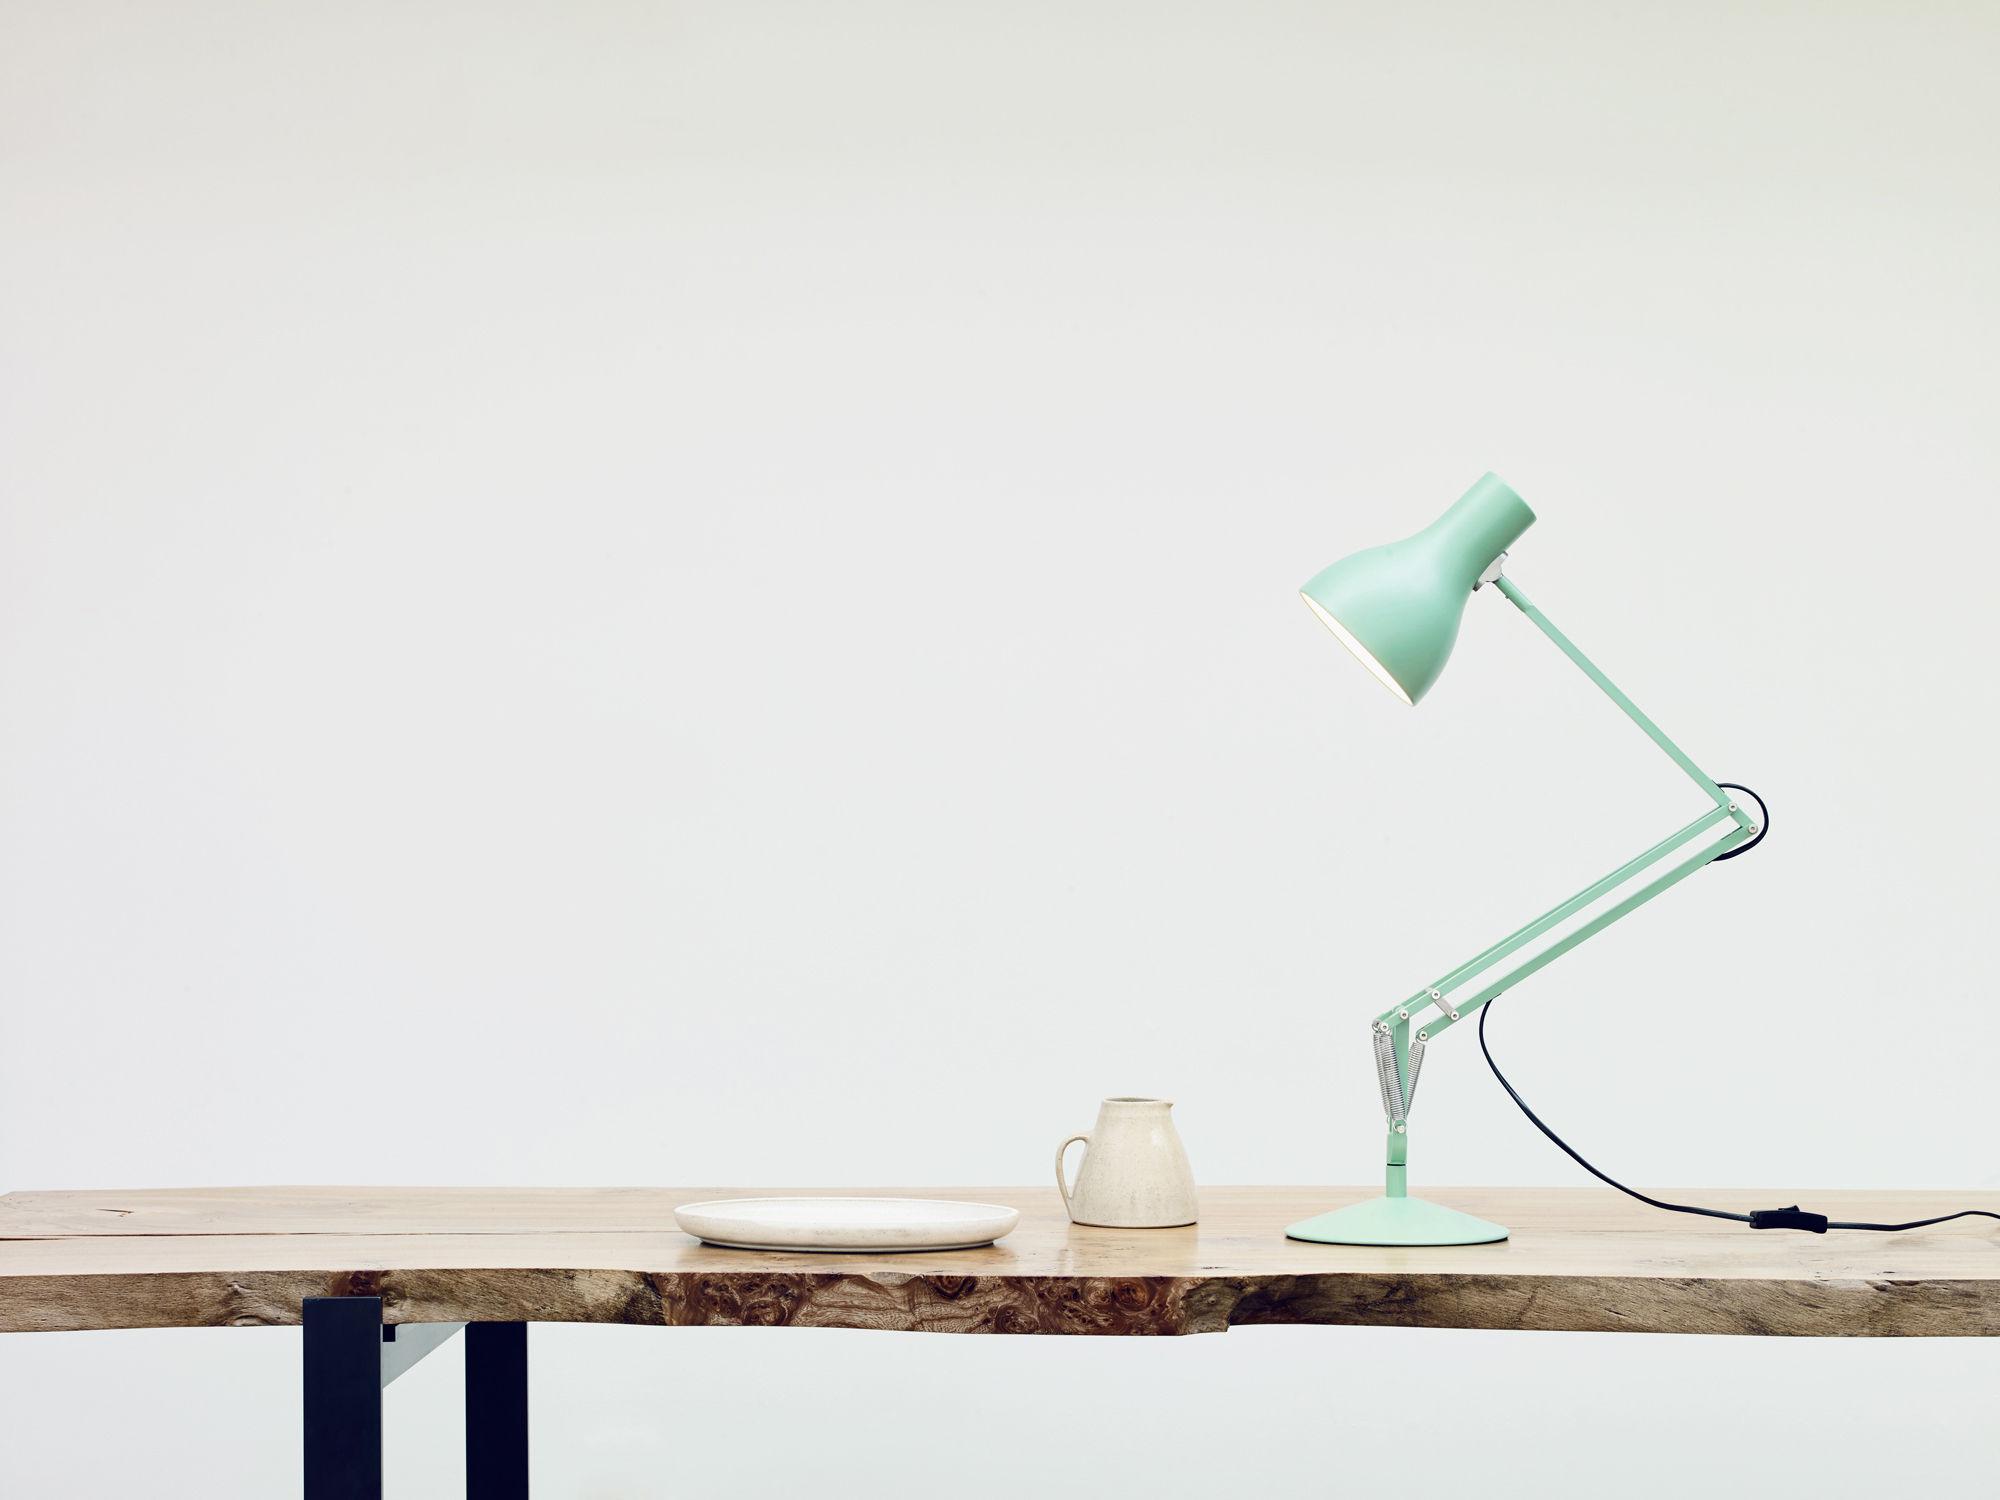 Lampada Ufficio Verde : Scopri lampada da tavolo type edizione limitata by margaret